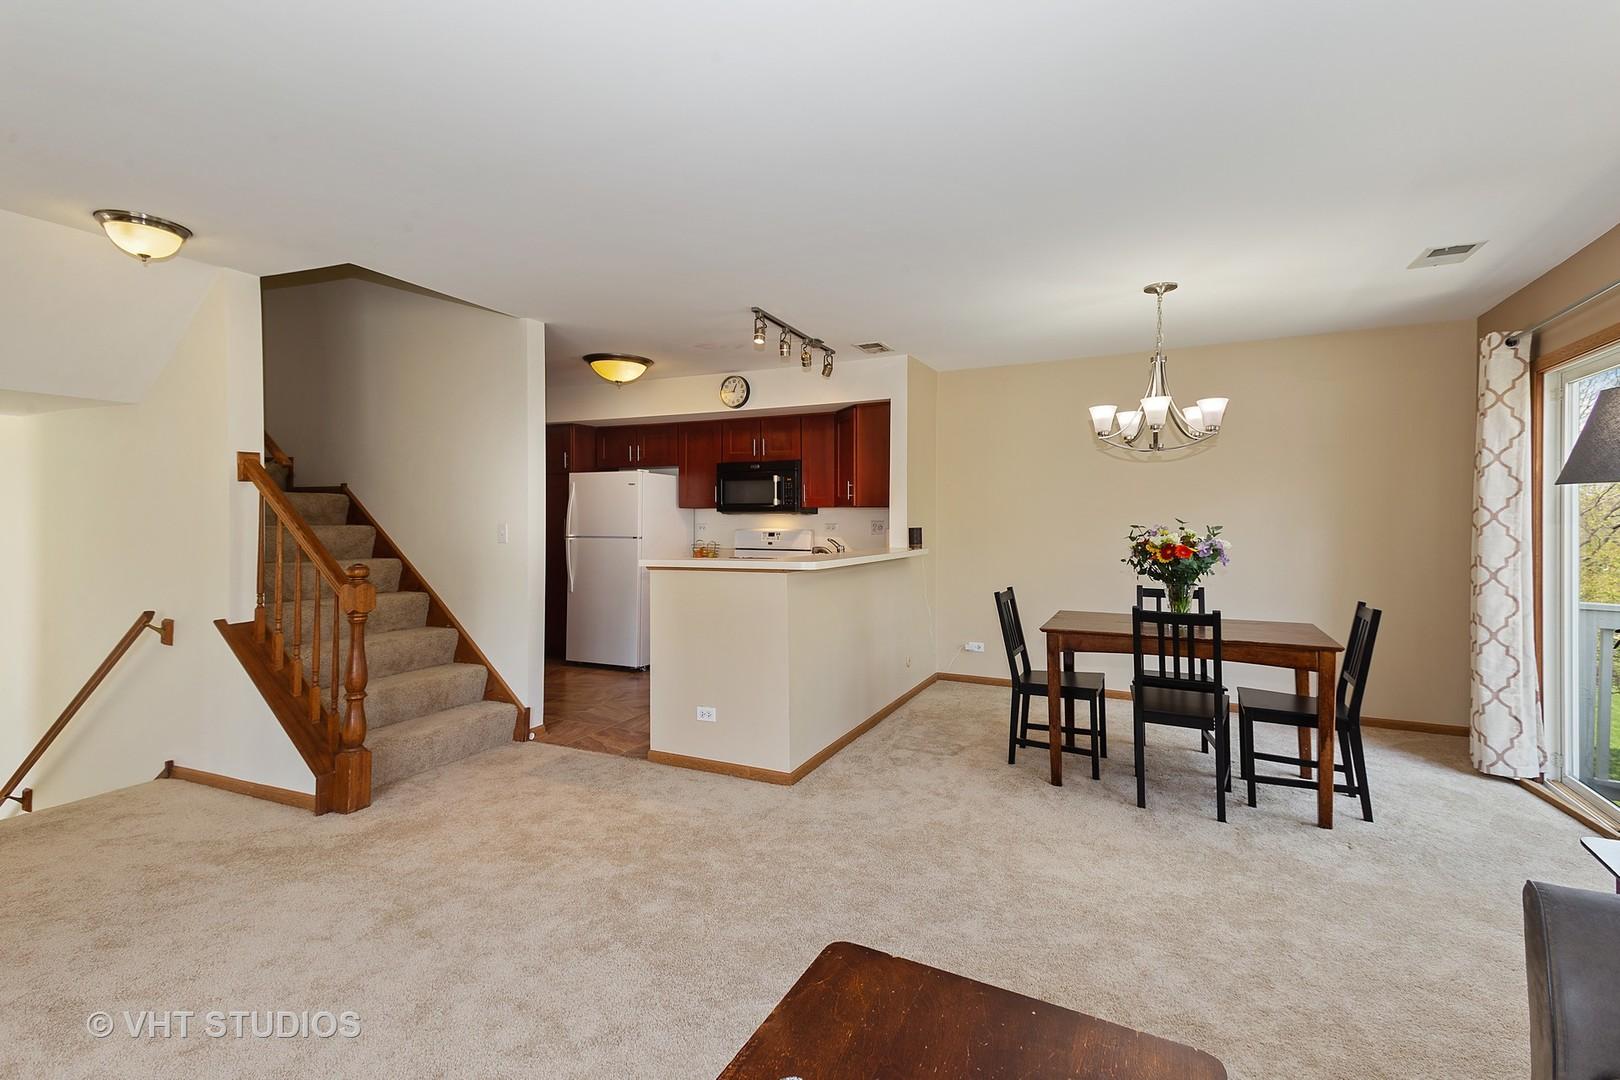 221 Mansfield 221, Roselle, Illinois, 60172